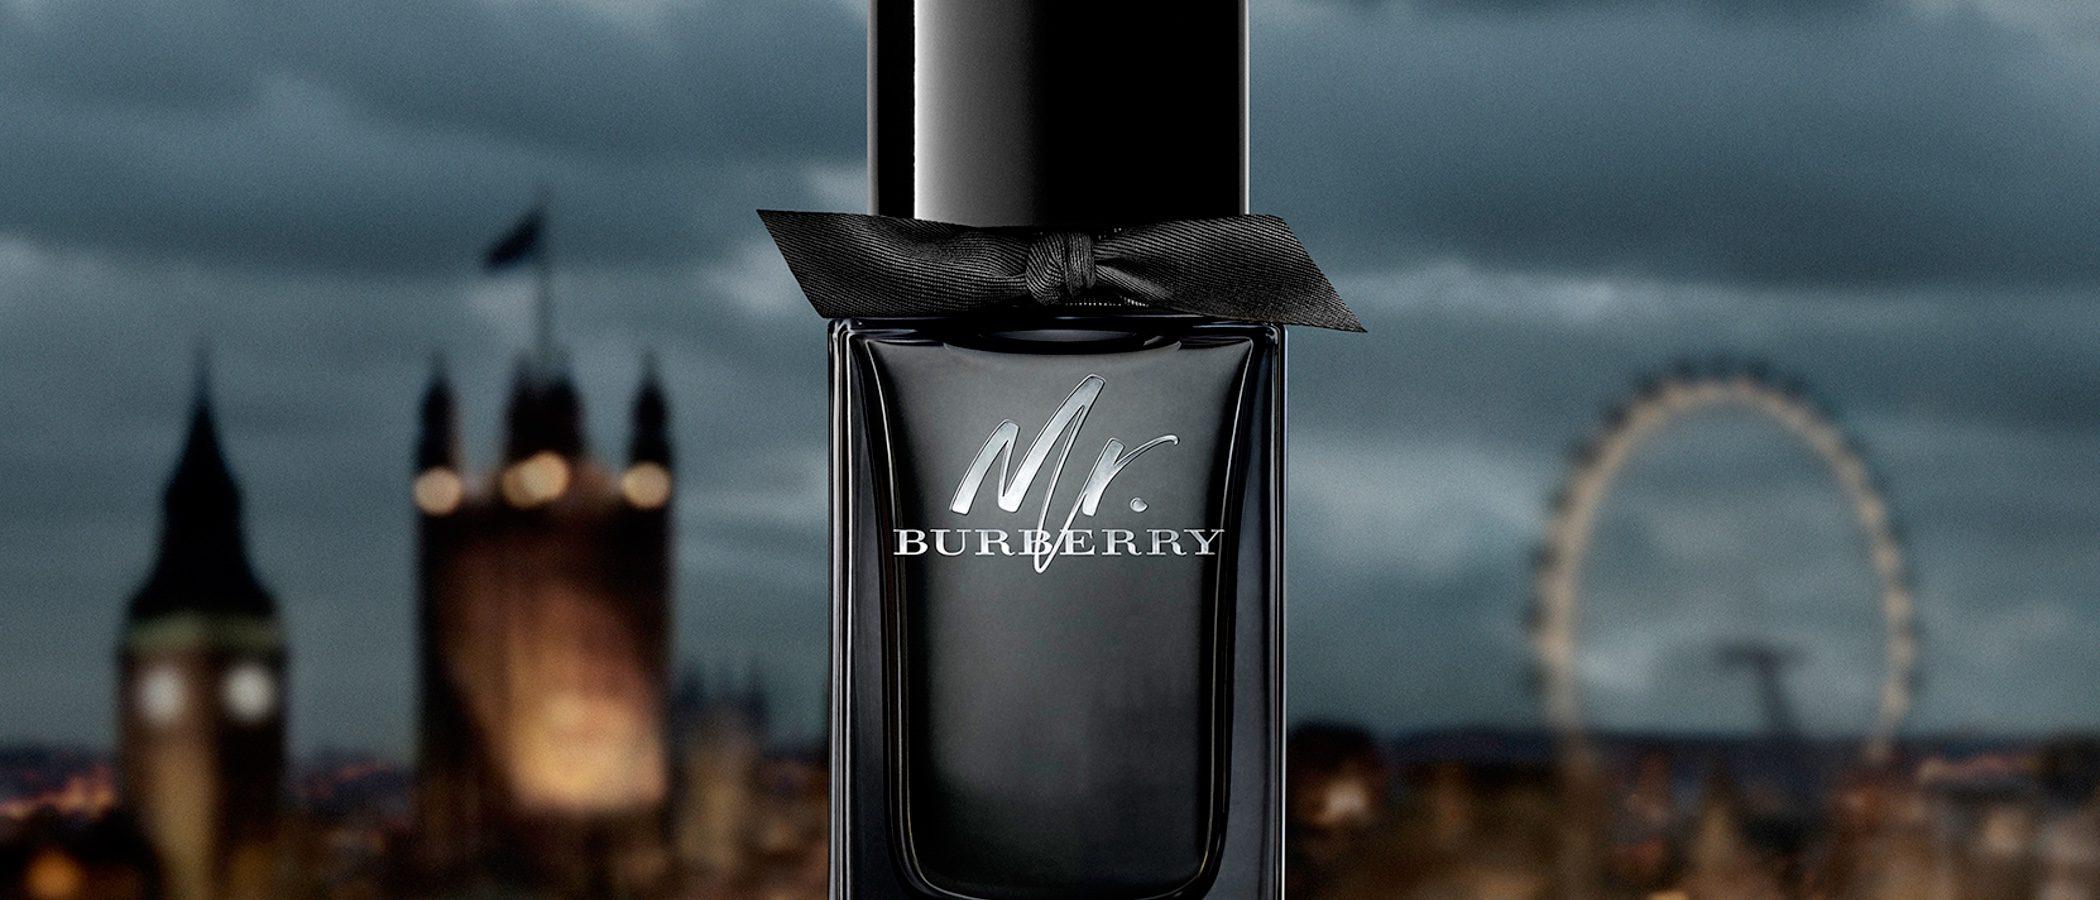 Burberry lanzará en abril su nueva fragancia masculina